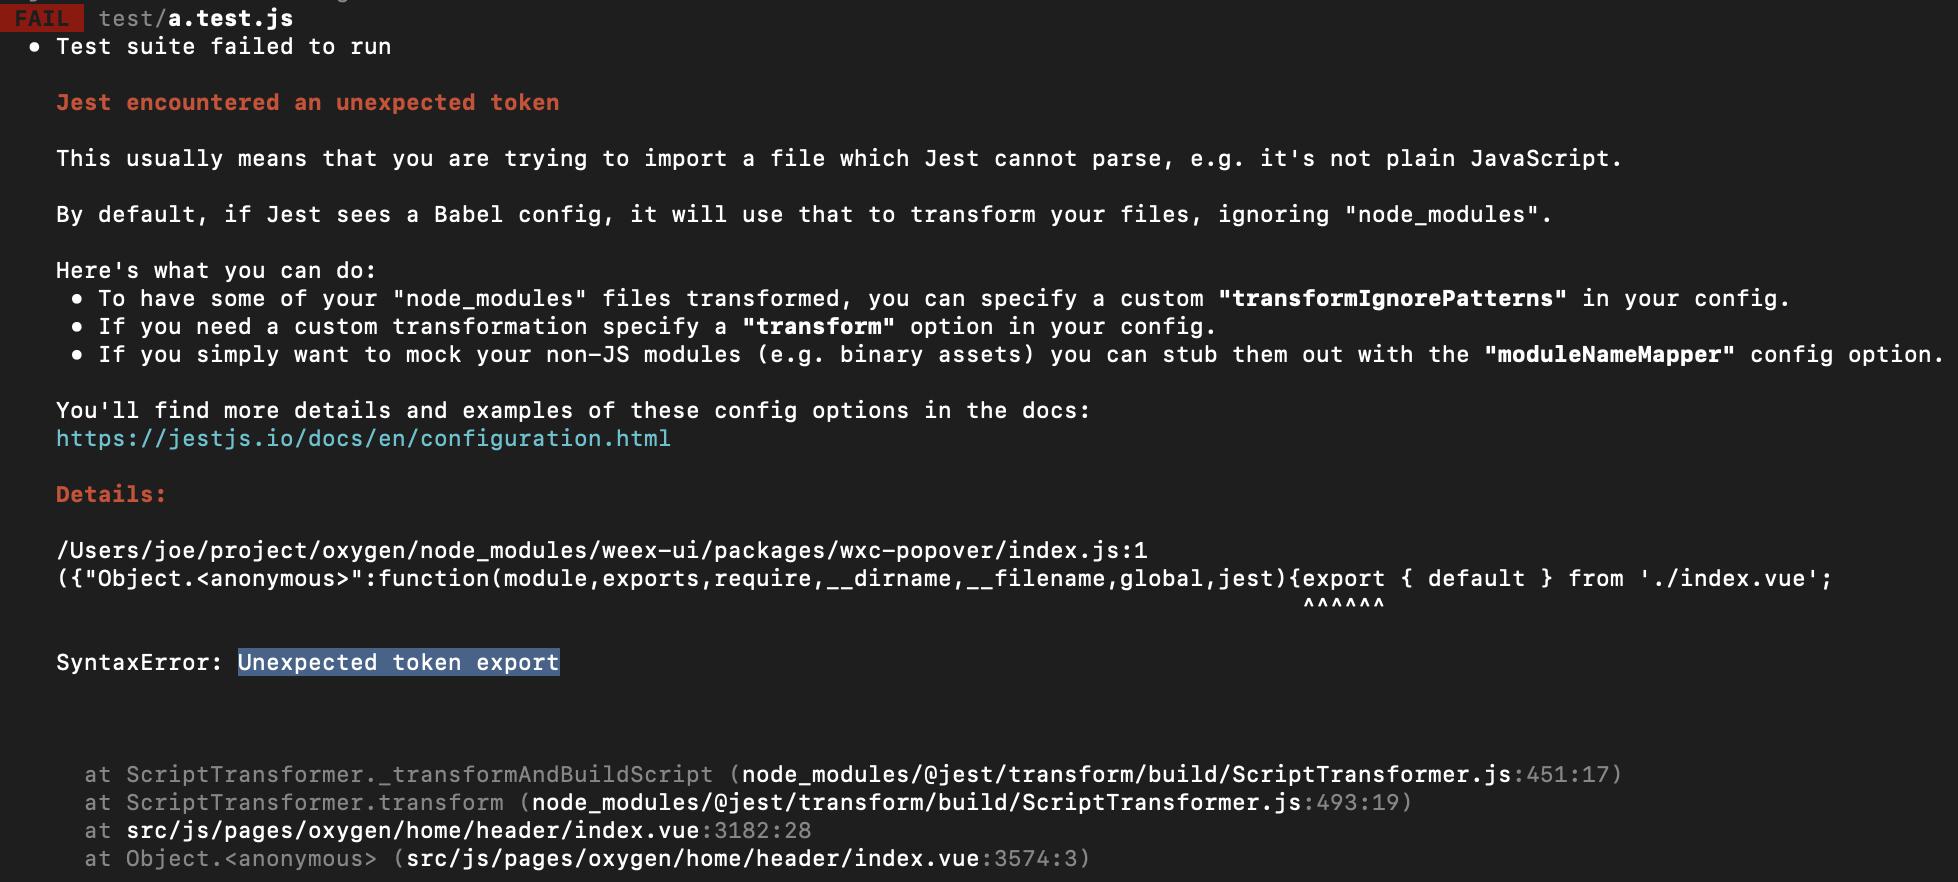 結合eros使用,我在項目中引入vue-test+jest,但是引入後報錯Unexpected